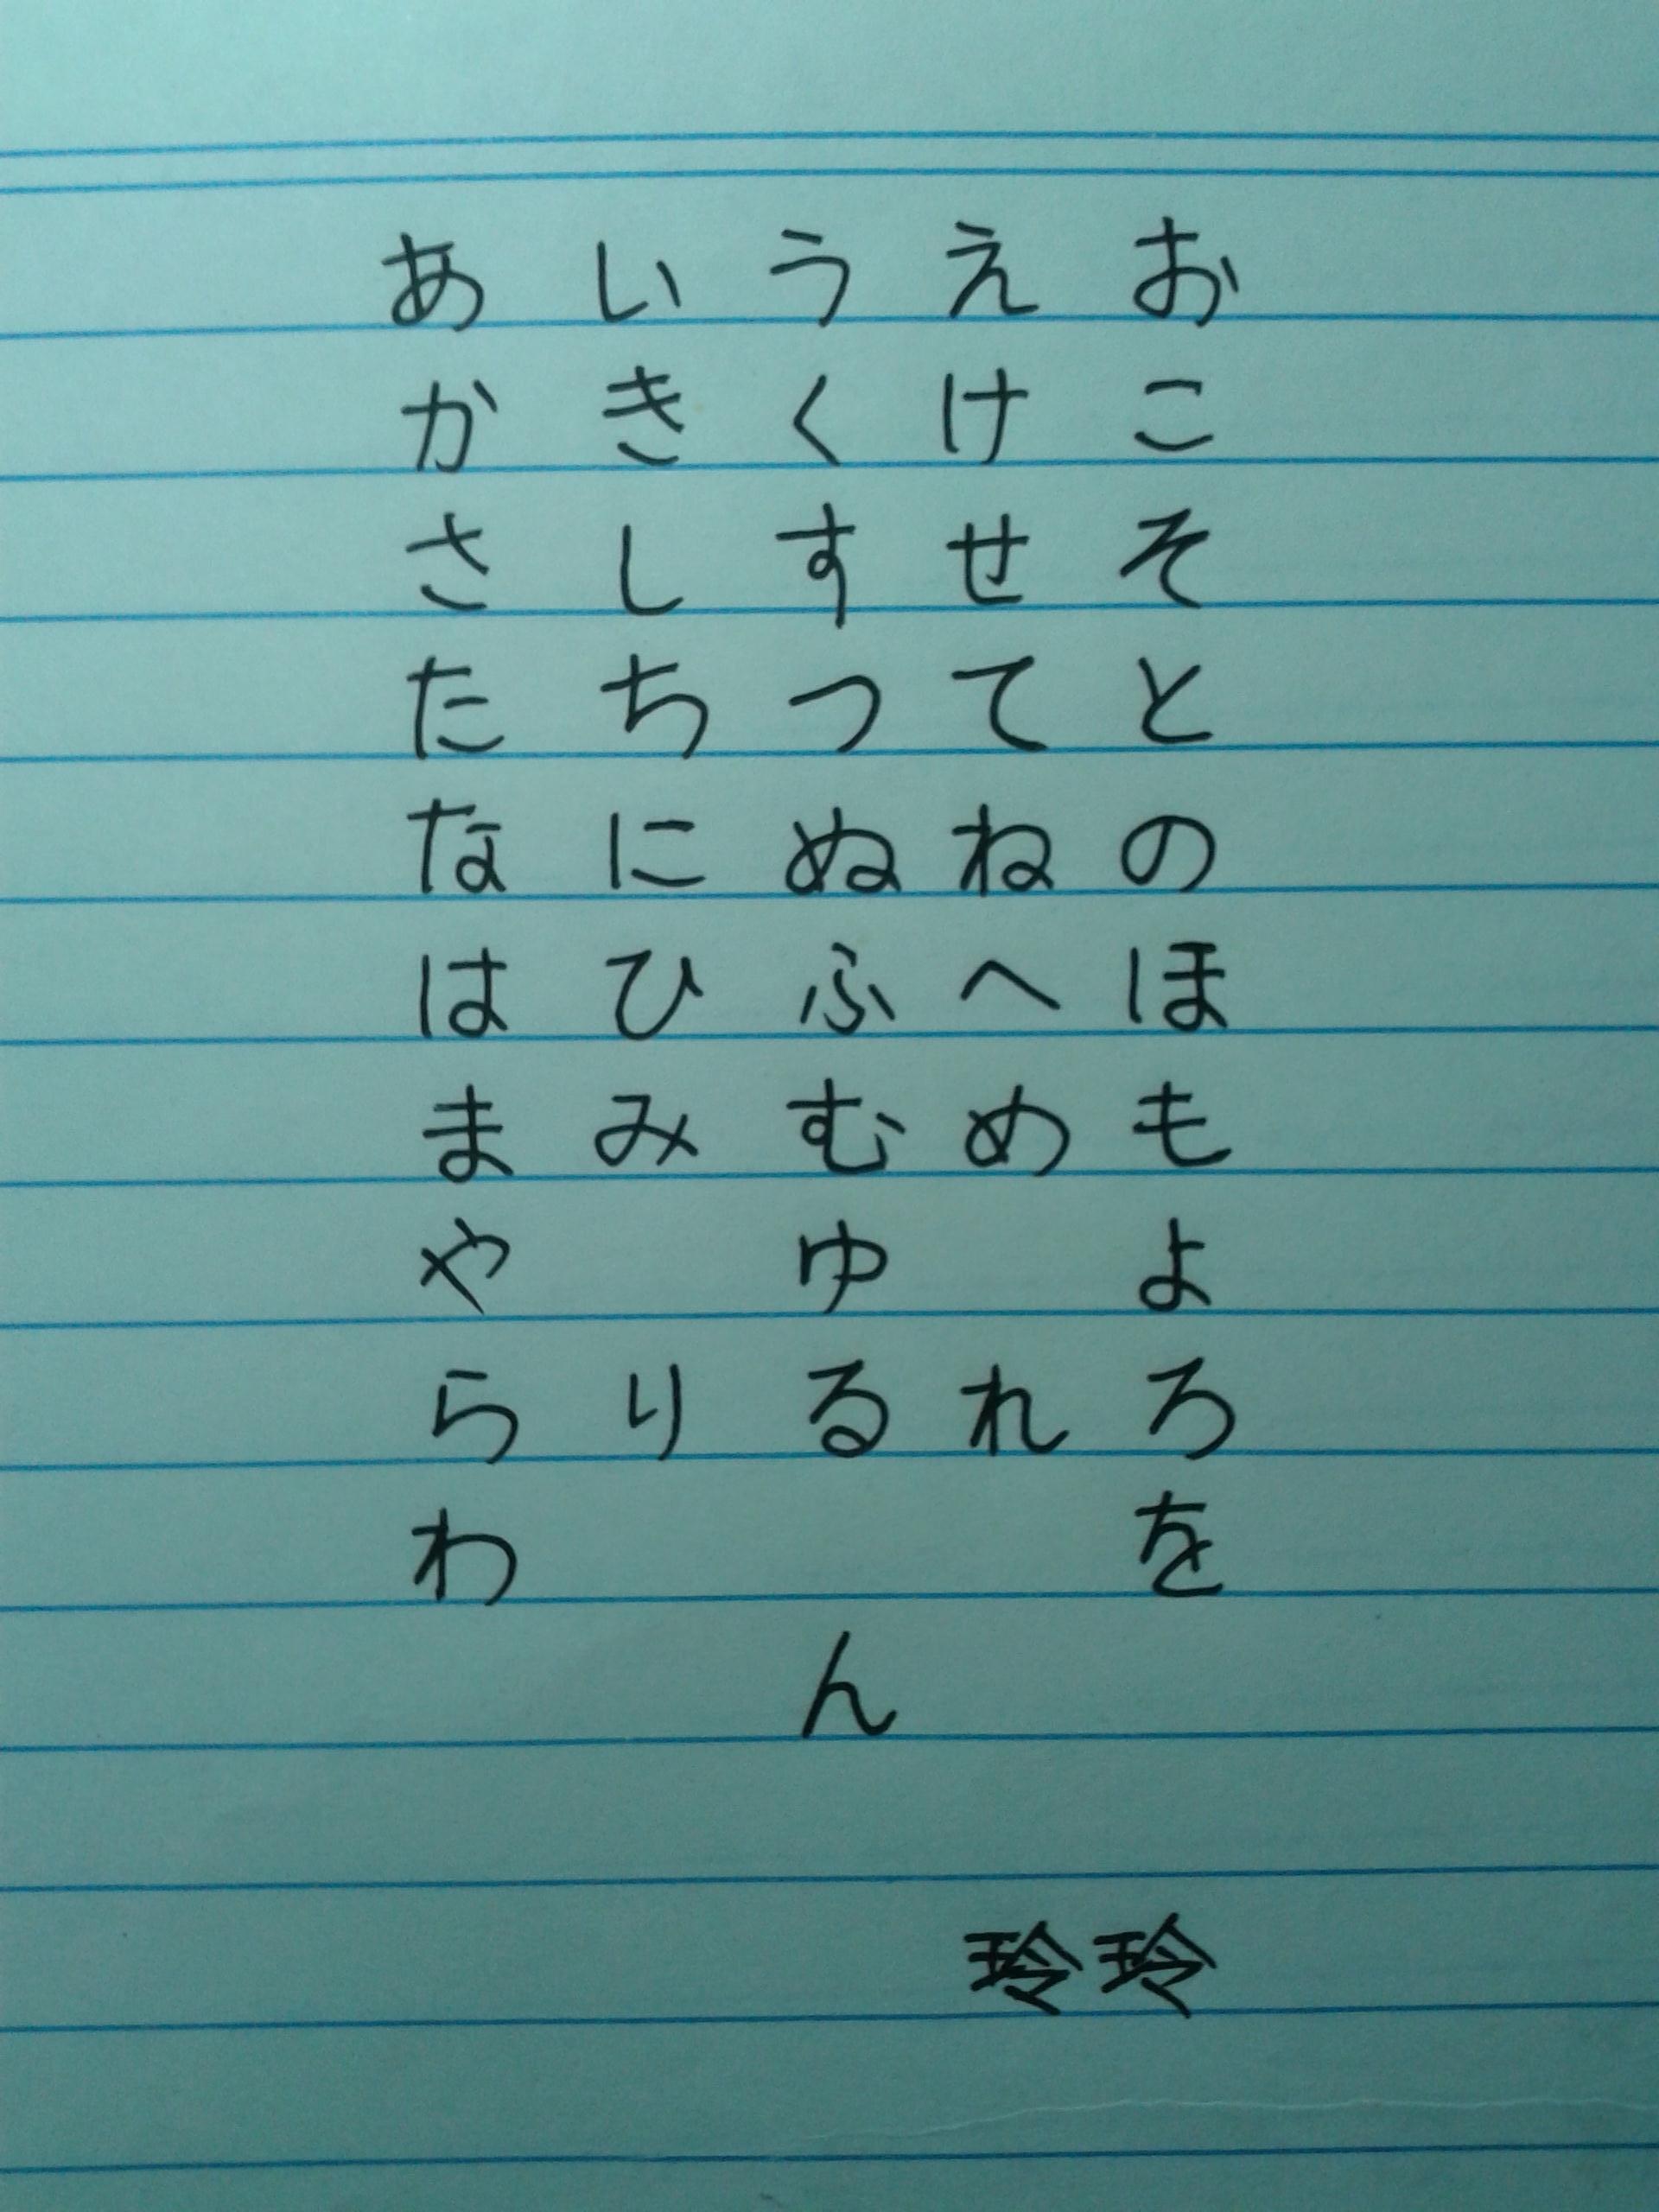 学员活动 / 晒晒五十音图手写体【已结束】